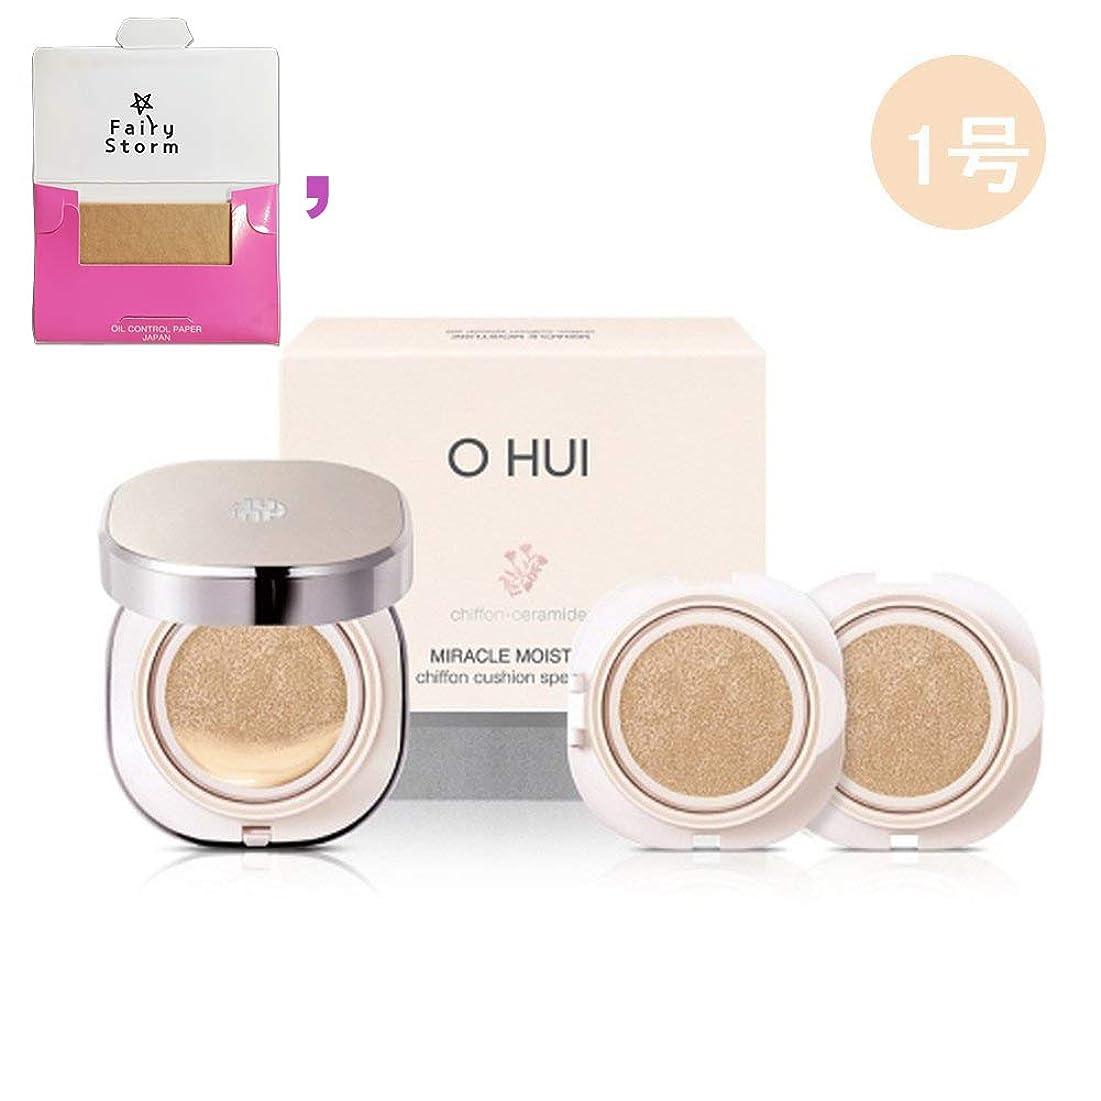 終わり散歩無秩序[オフィ/ O HUI]韓国化粧品 LG生活健康/ohui Miracle Moisture shiffon cushion/ミラクル モイスチャーシフォンクッ ション + [Sample Gift](海外直送品) (1号)